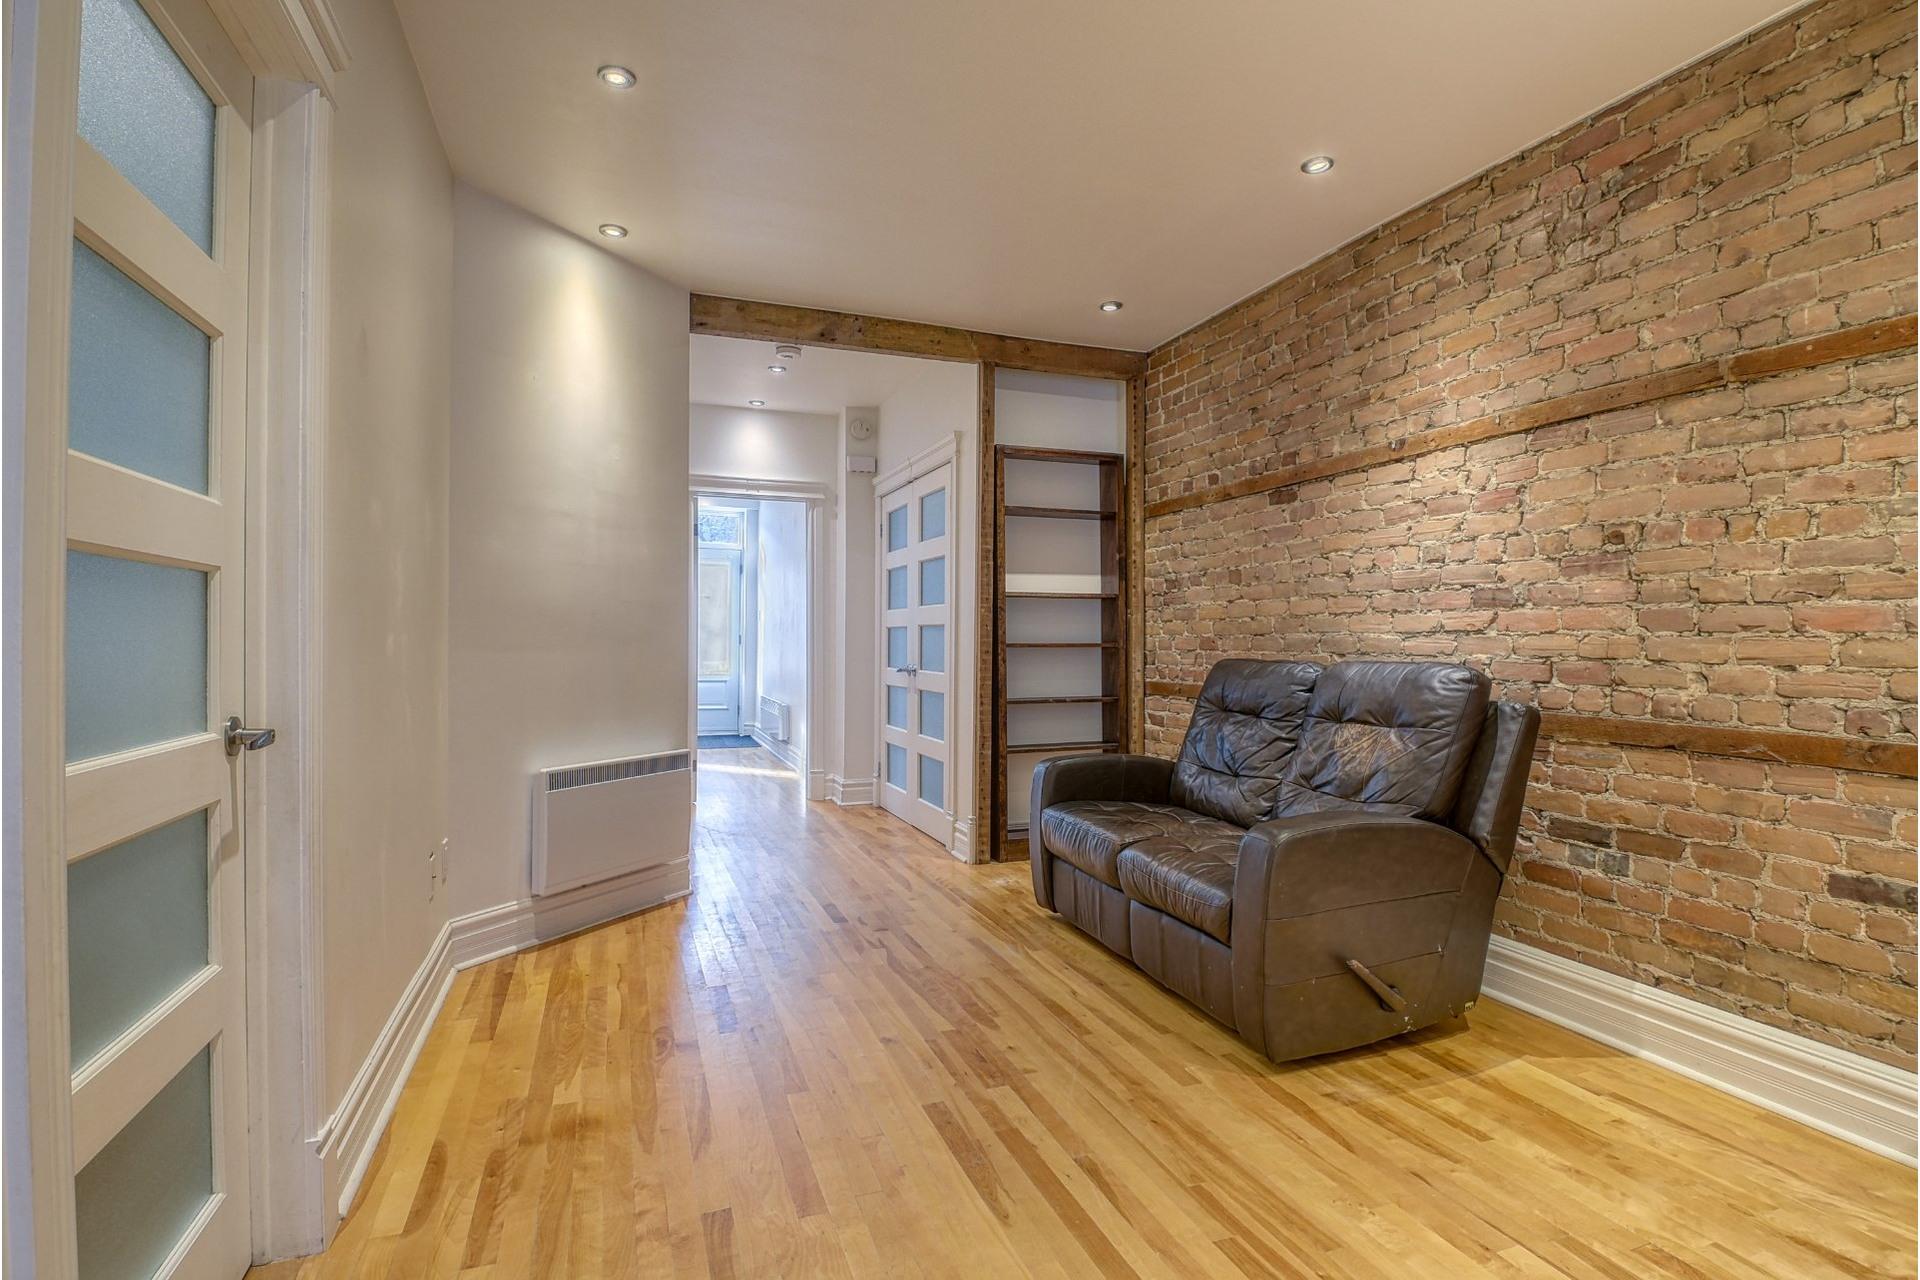 image 6 - Duplex For sale Le Sud-Ouest Montréal  - 5 rooms